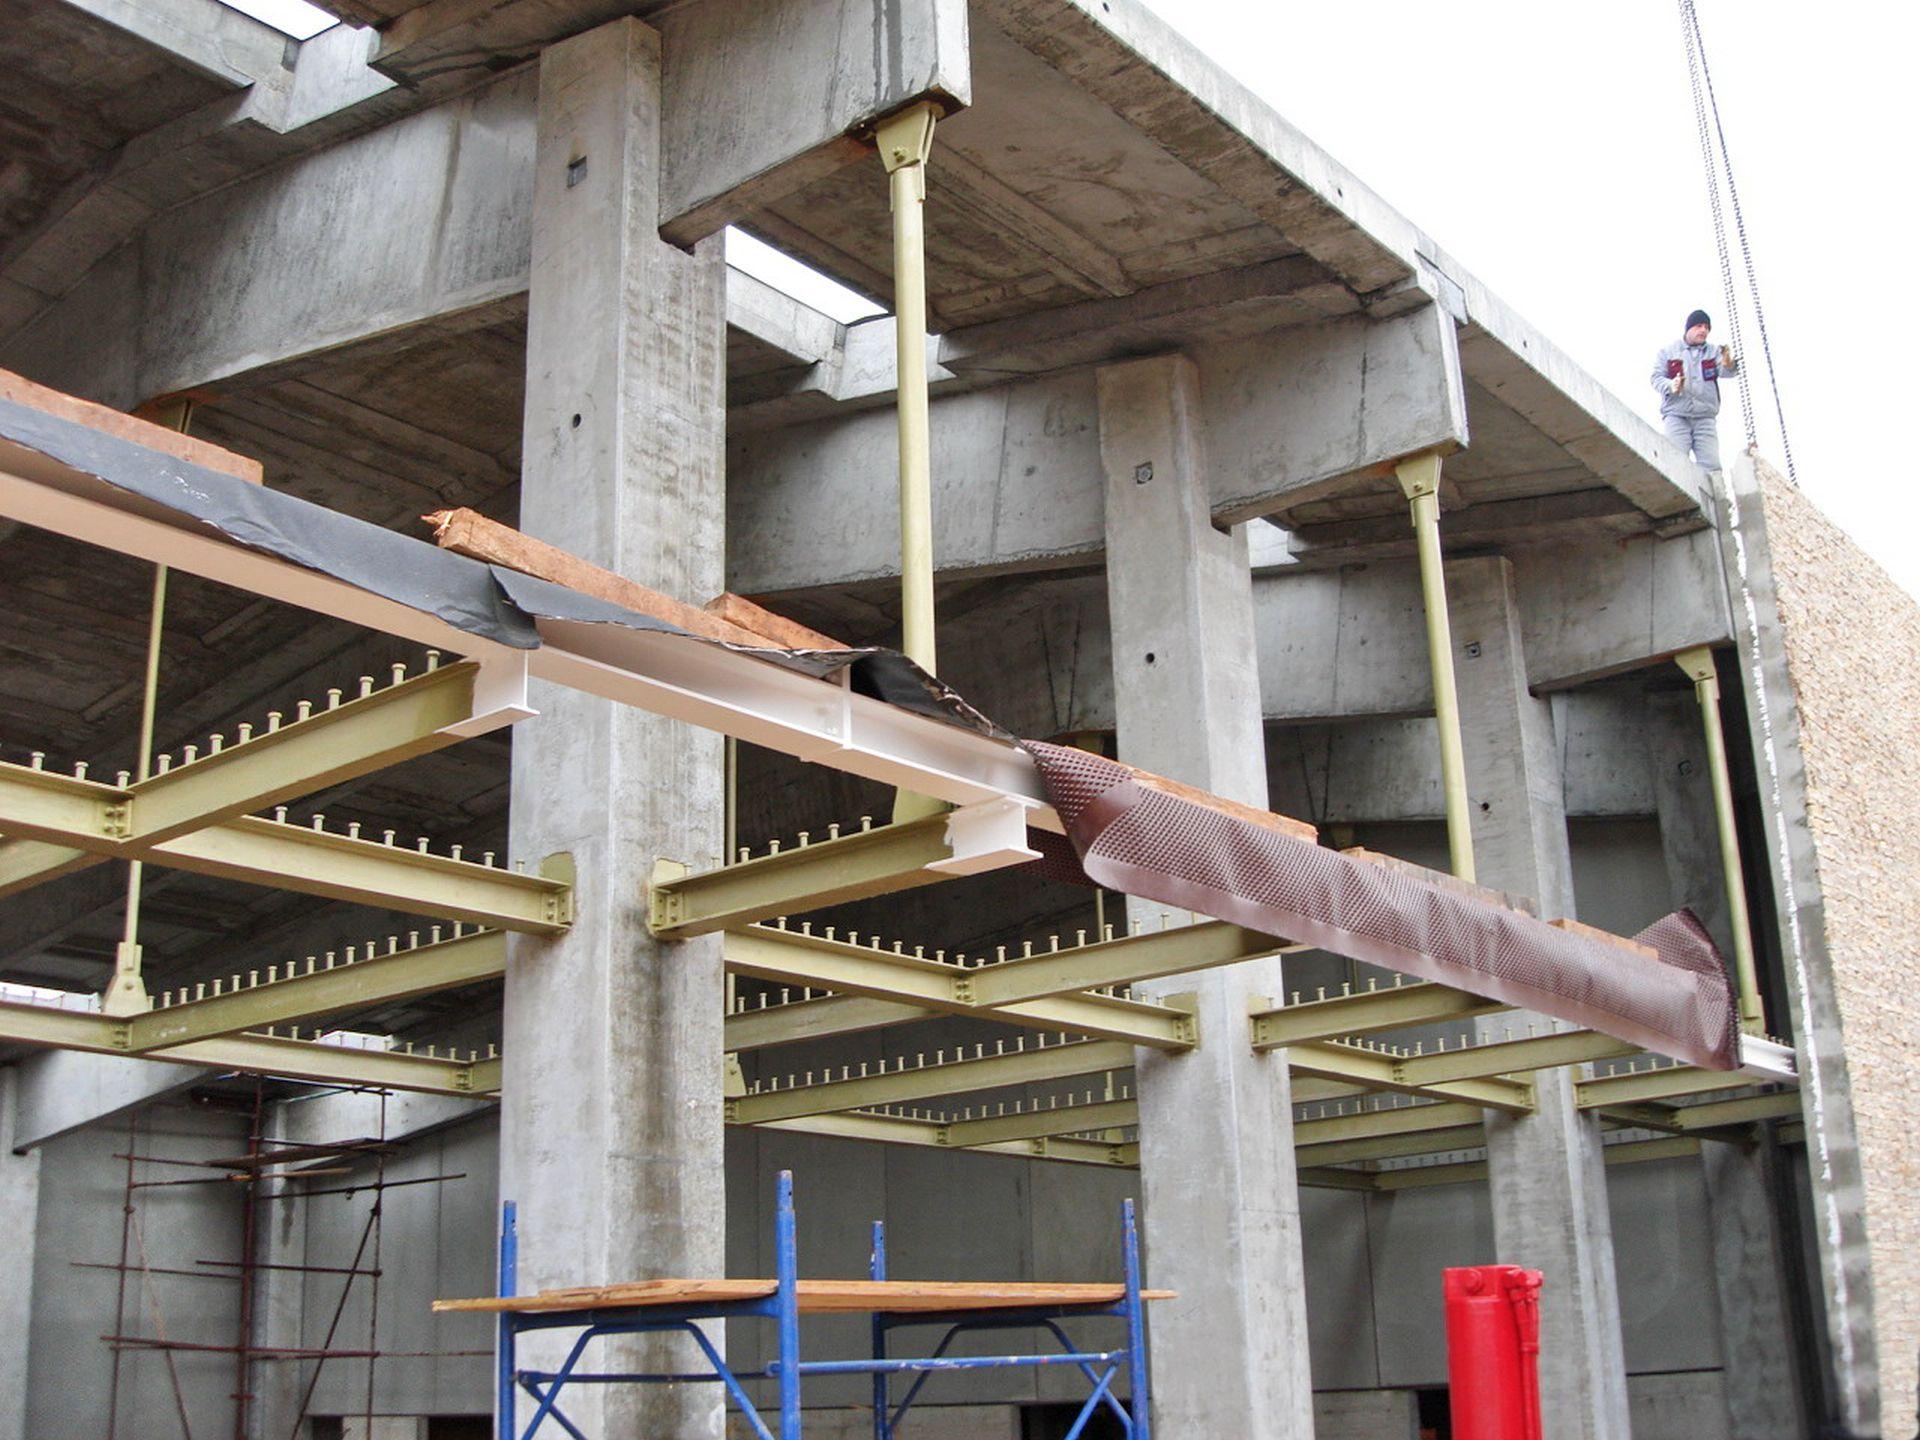 bale, sportska dvorana, konstrukcija, beton, studio 3lhd, 3lhd, upi-2m, upi2m, bale, dvorana